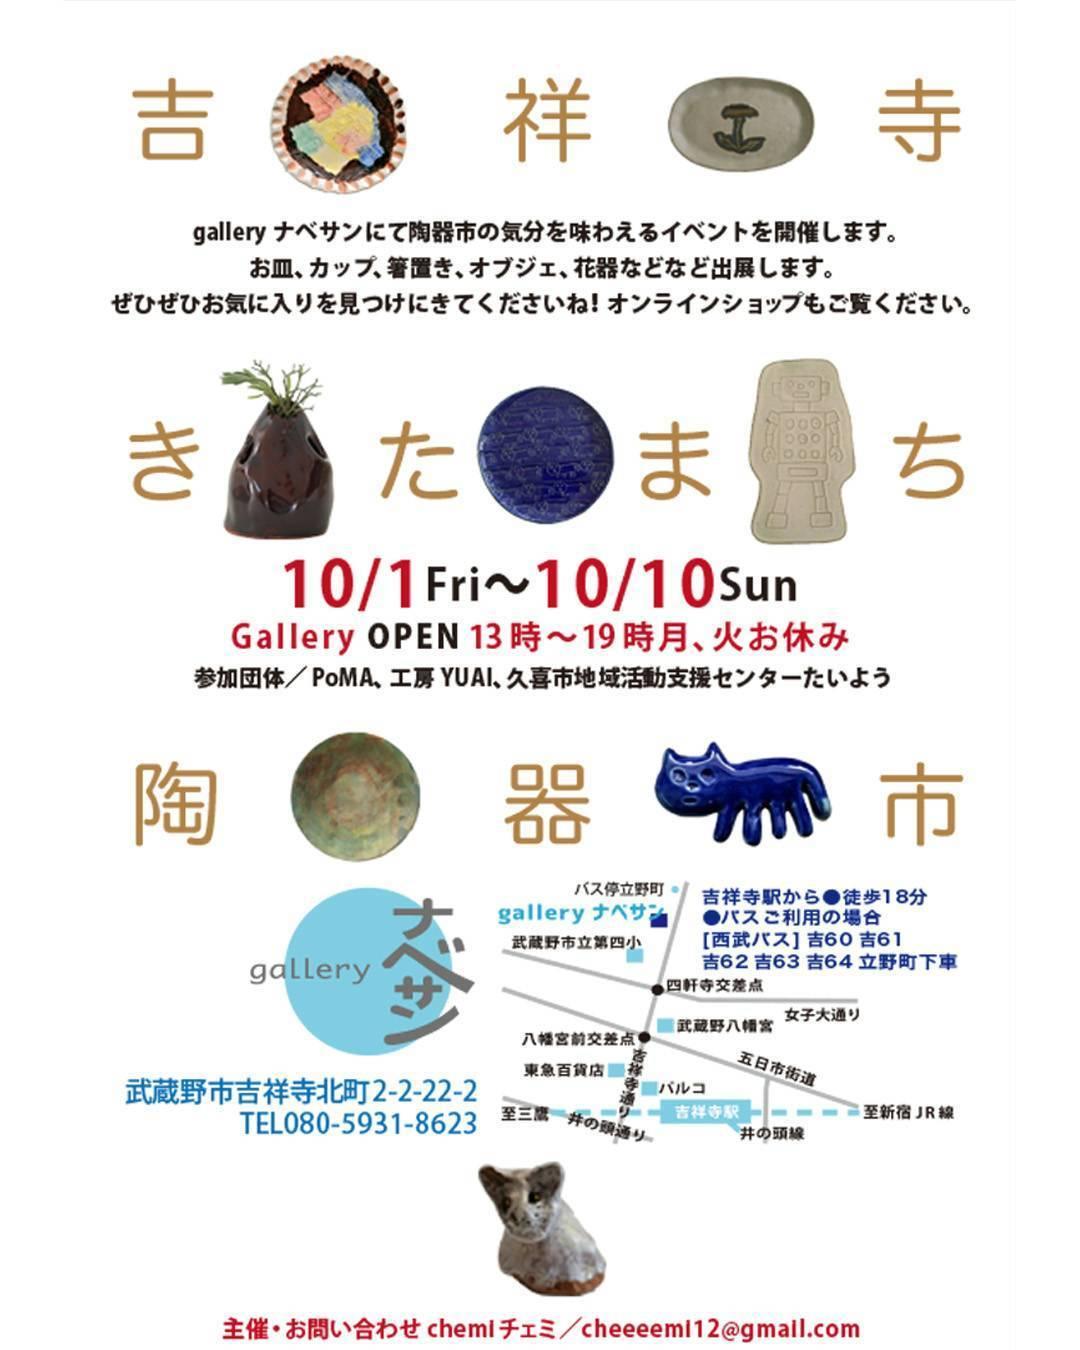 吉祥寺きたまち陶器市、10/1(金)から始まります!